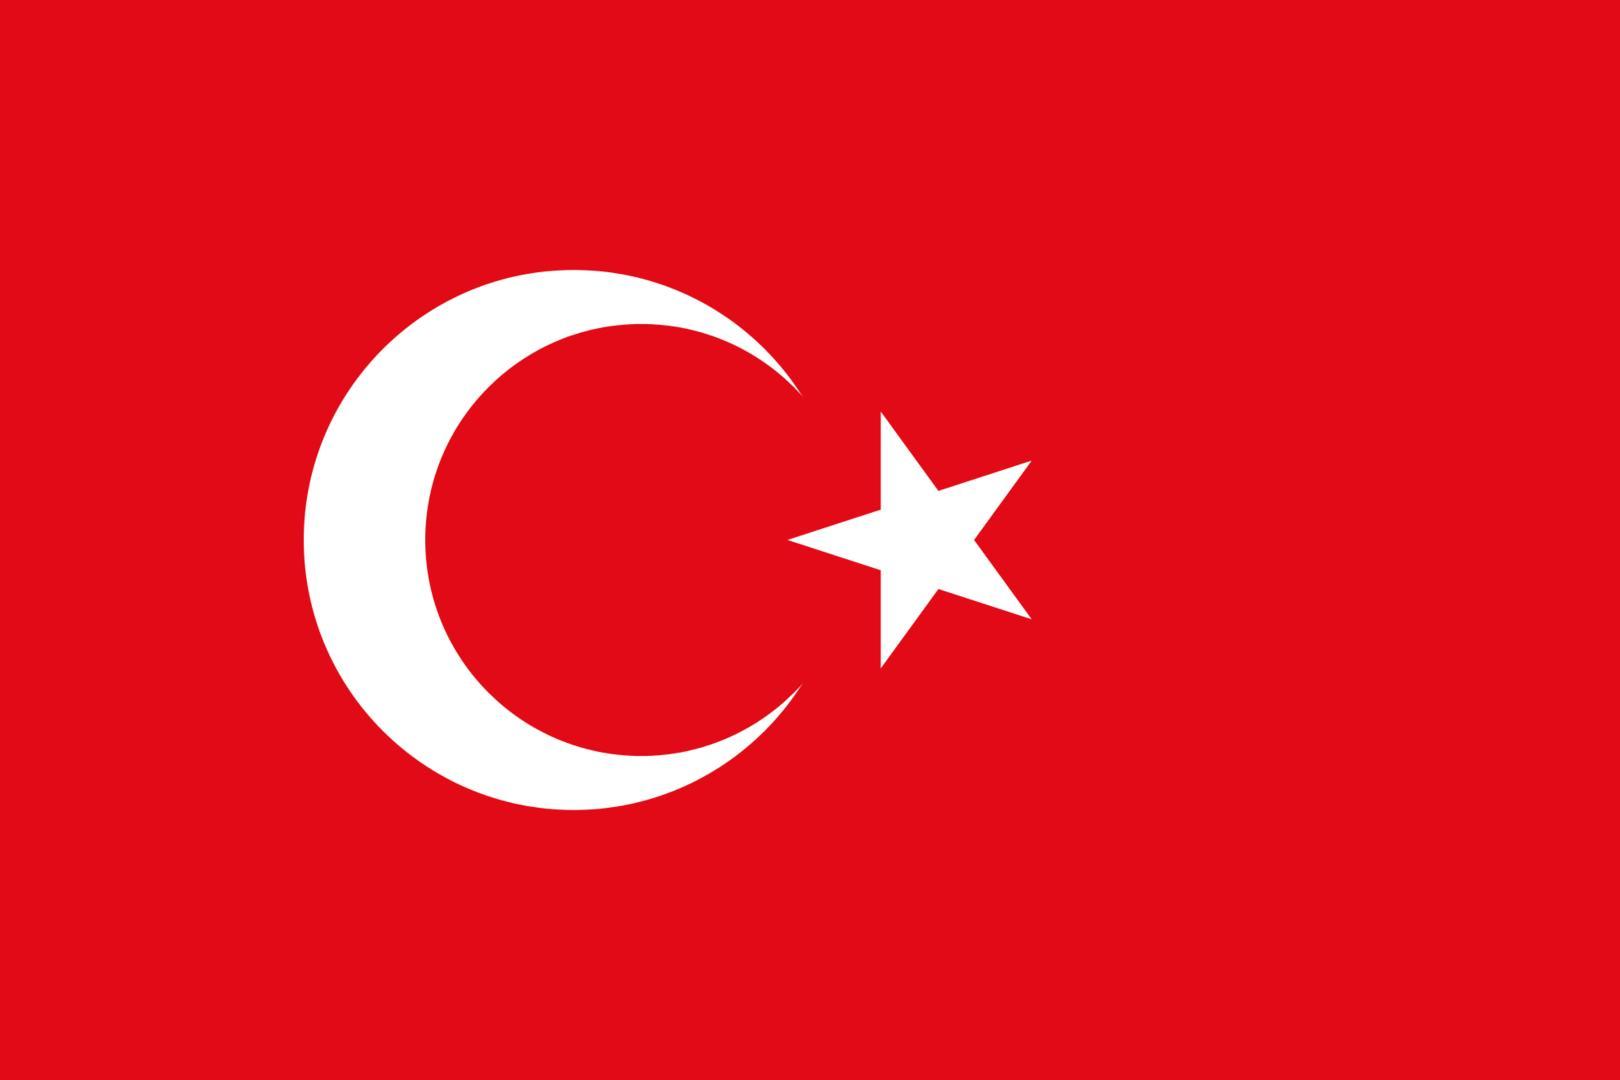 56371d1477605689 29 ekim cumhuriyet bayrami ile ilgili marslar siirler ve yazilar bayrak